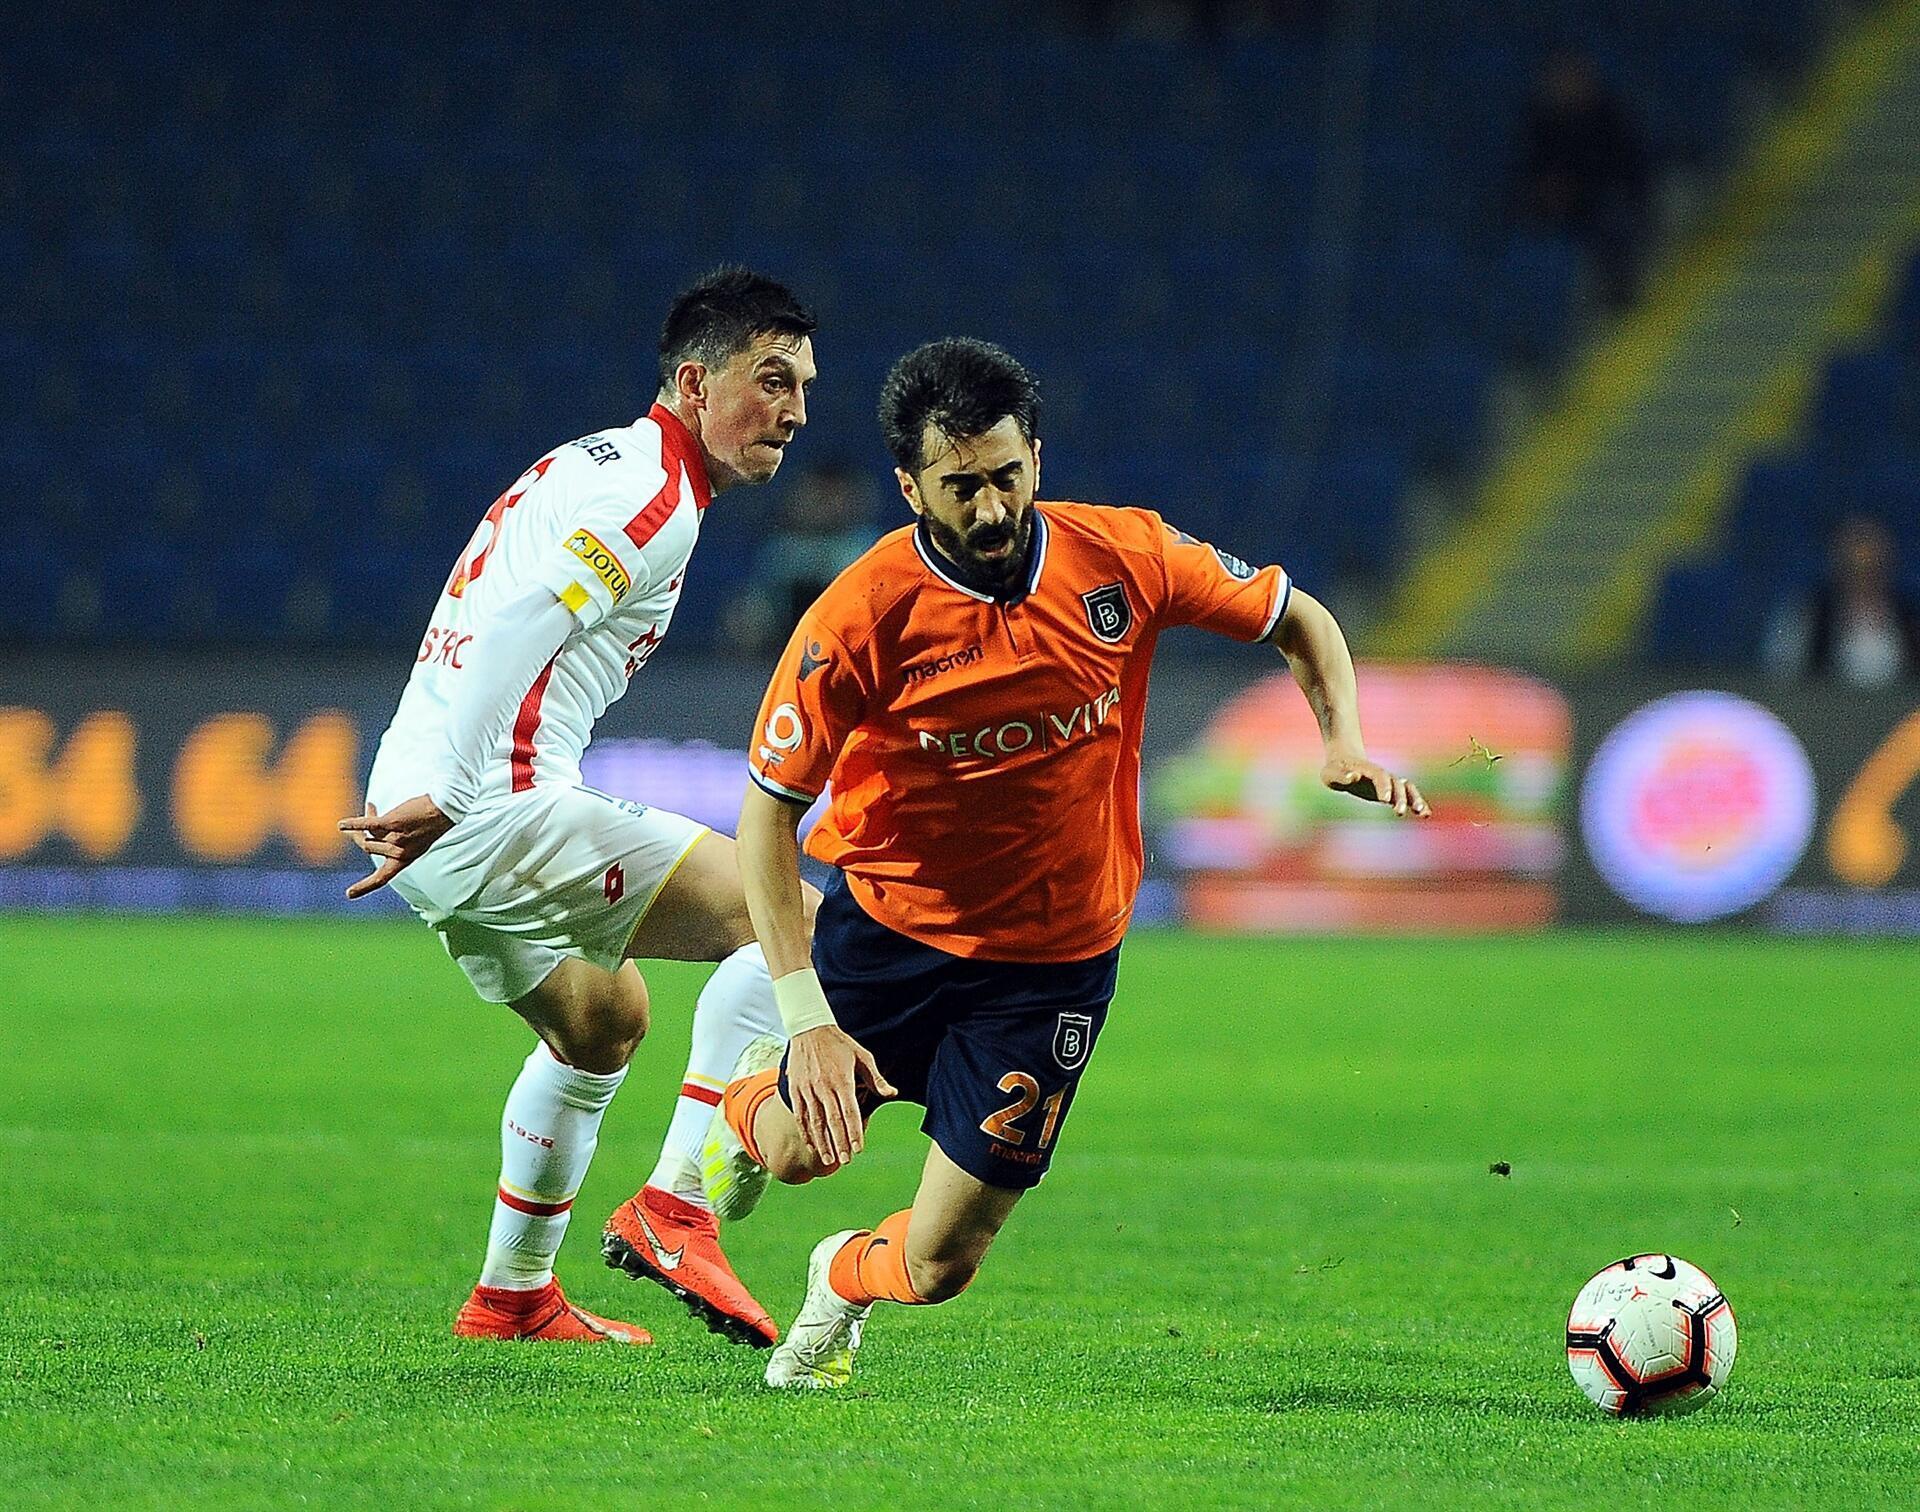 Medipol Başakşehir 0-2 Göztepe